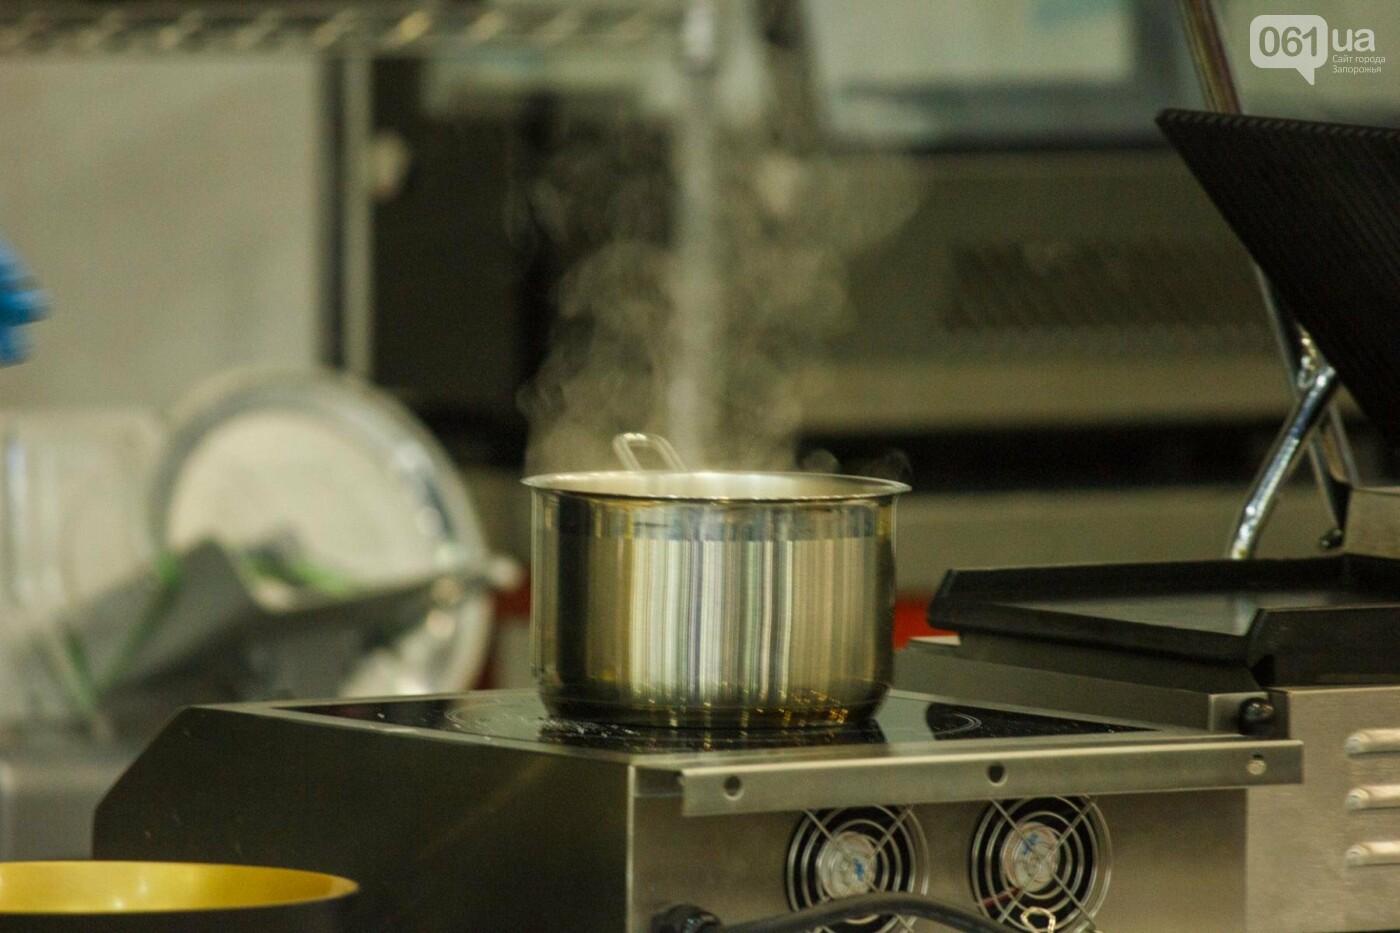 Шеф-повара запорожских ресторанов провели мастер-класс для горожан: как это было, - ФОТОРЕПОРТАЖ, фото-37